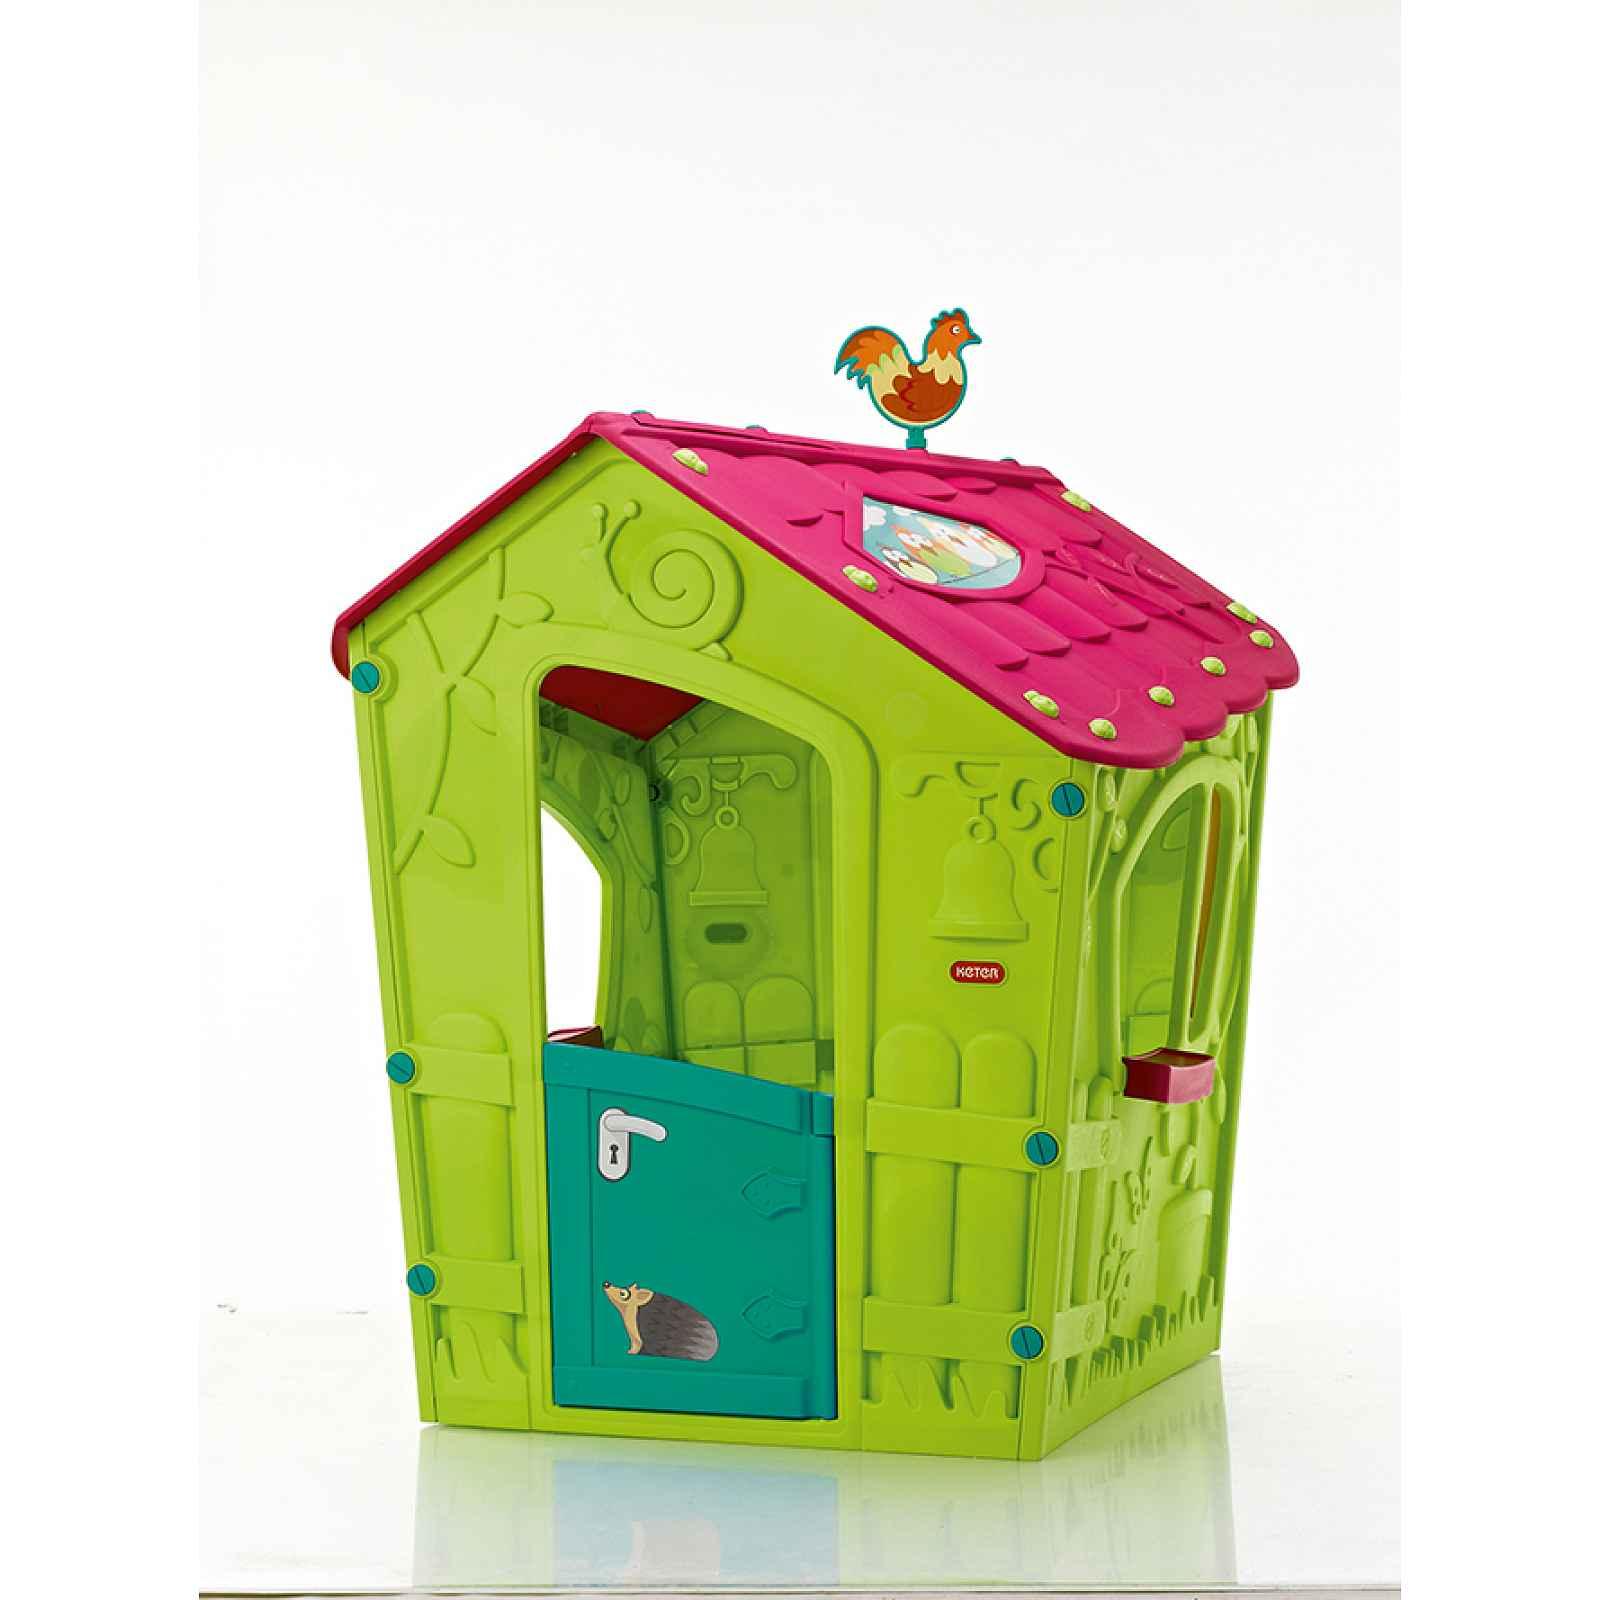 MAGIC PLAY HOUSE domeček - zelený Keter